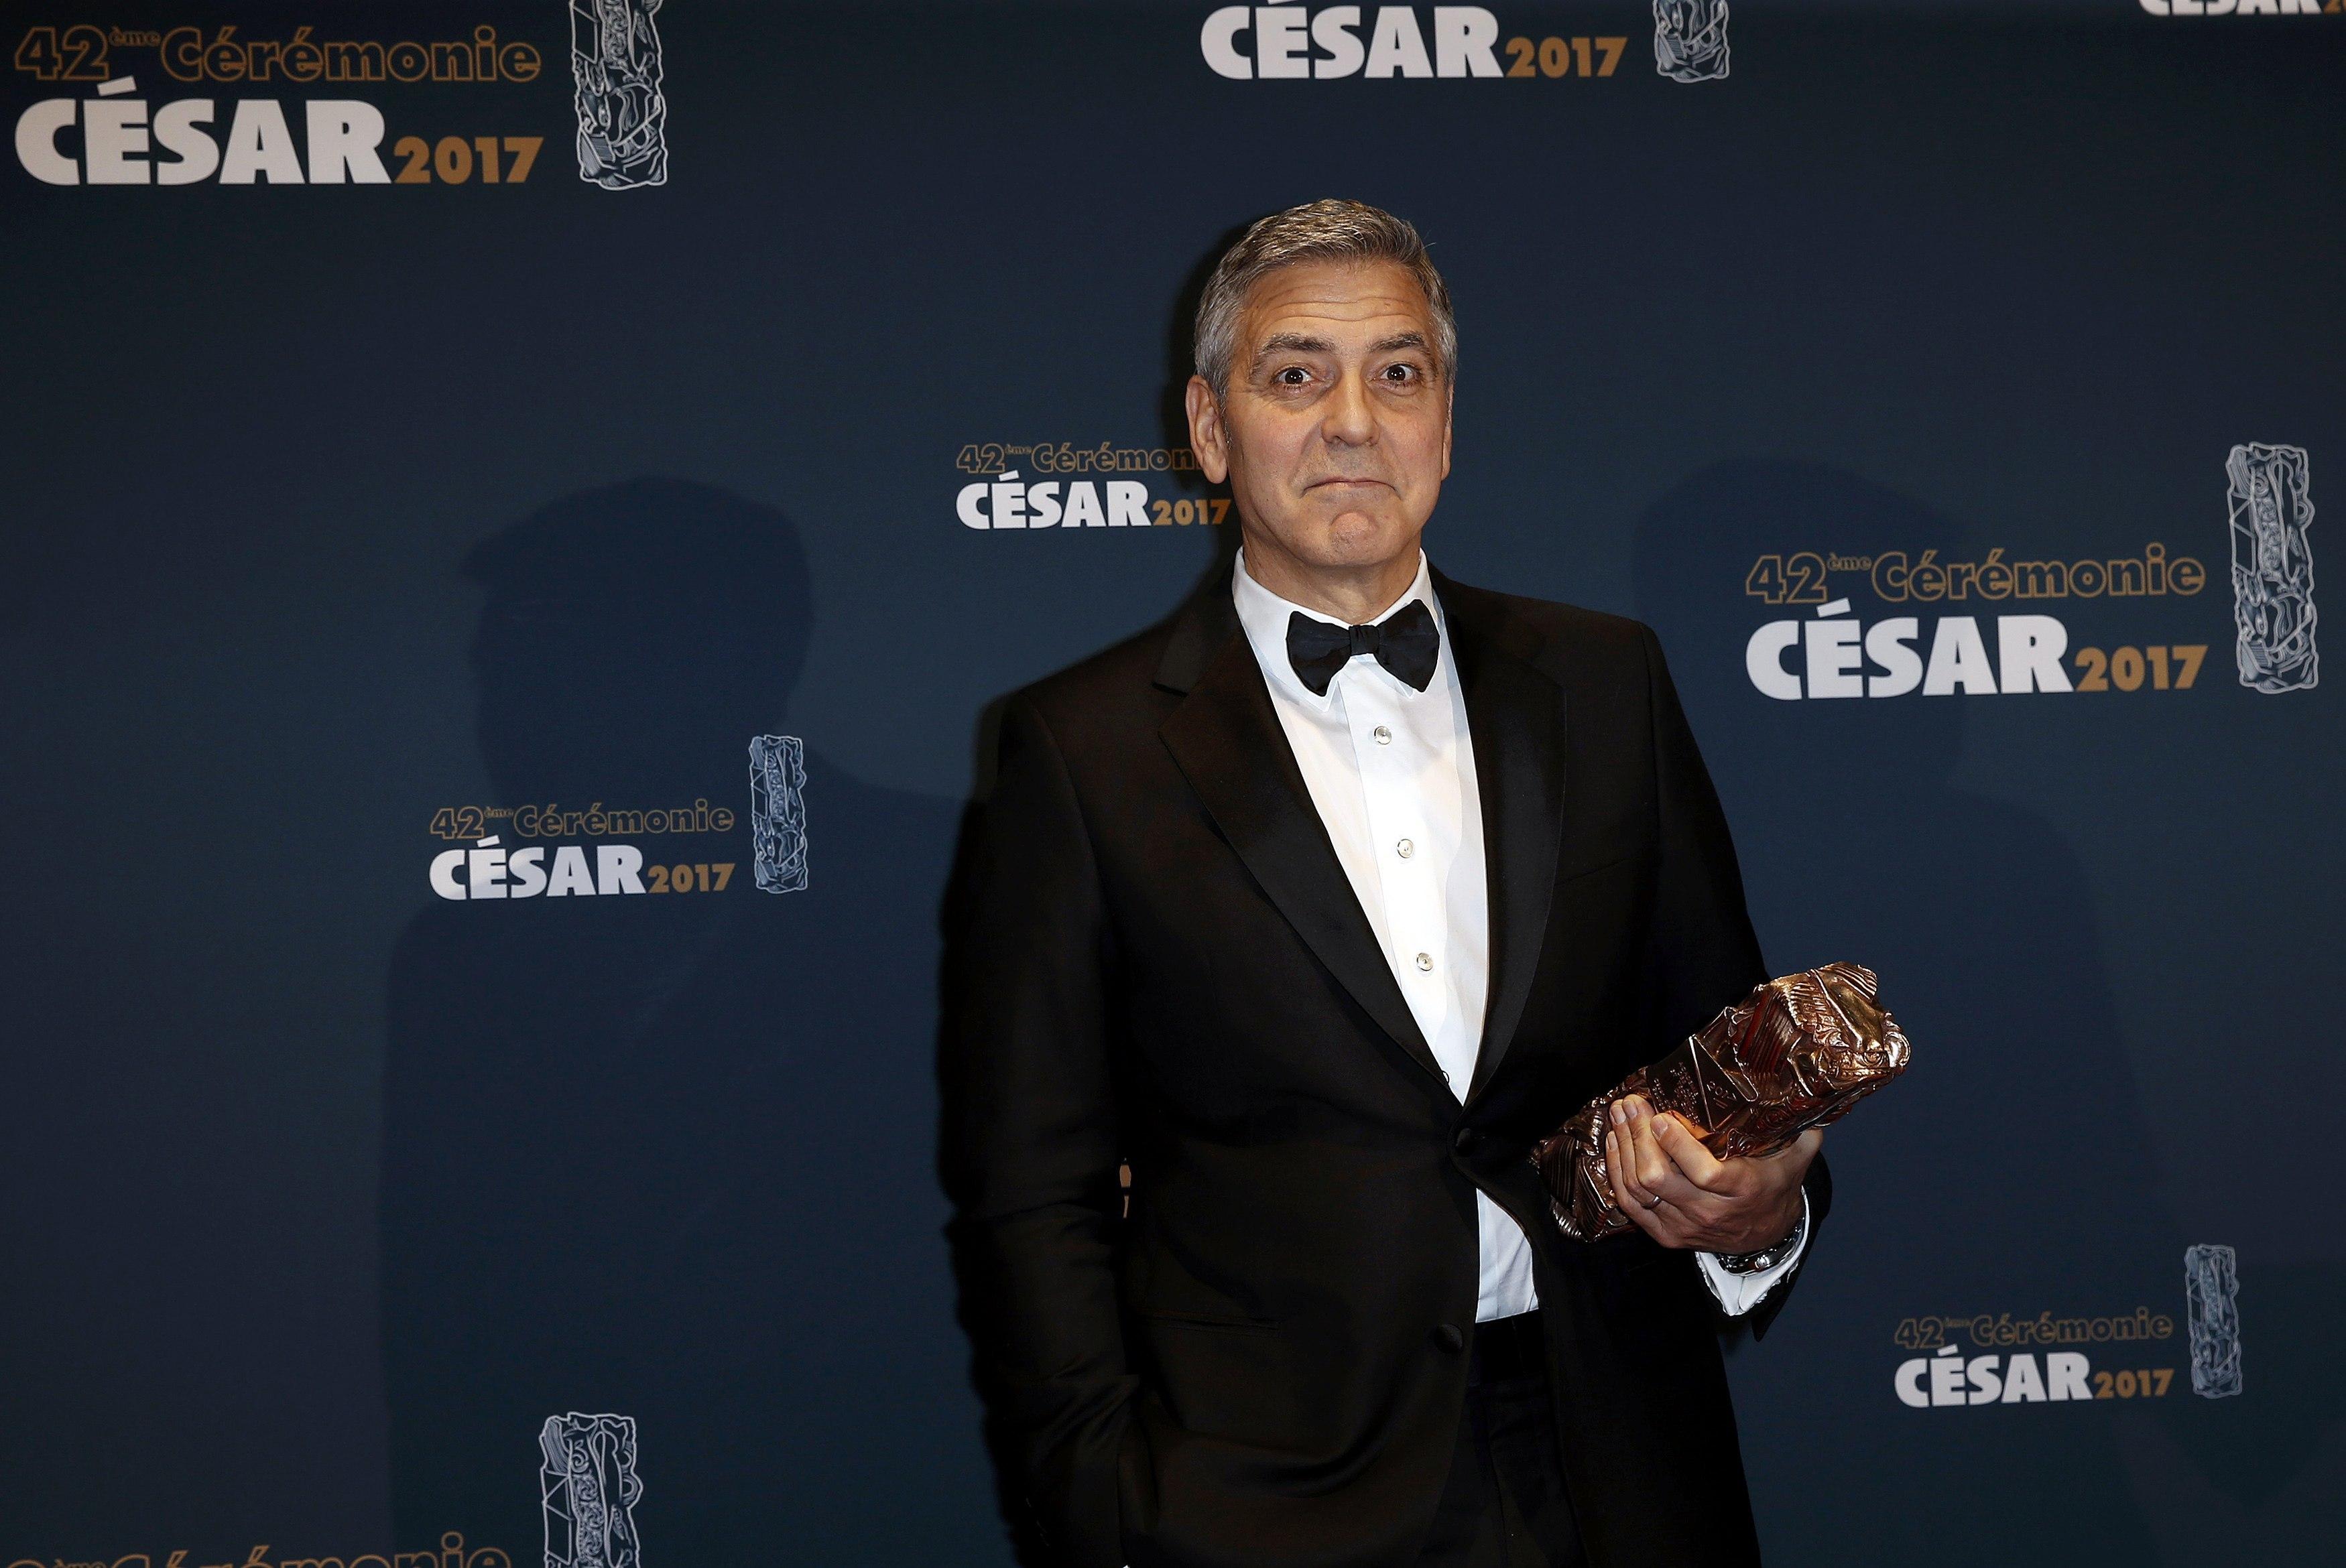 Джордж Клуни получил премию «Сезар» зазаслуги перед кинематографом